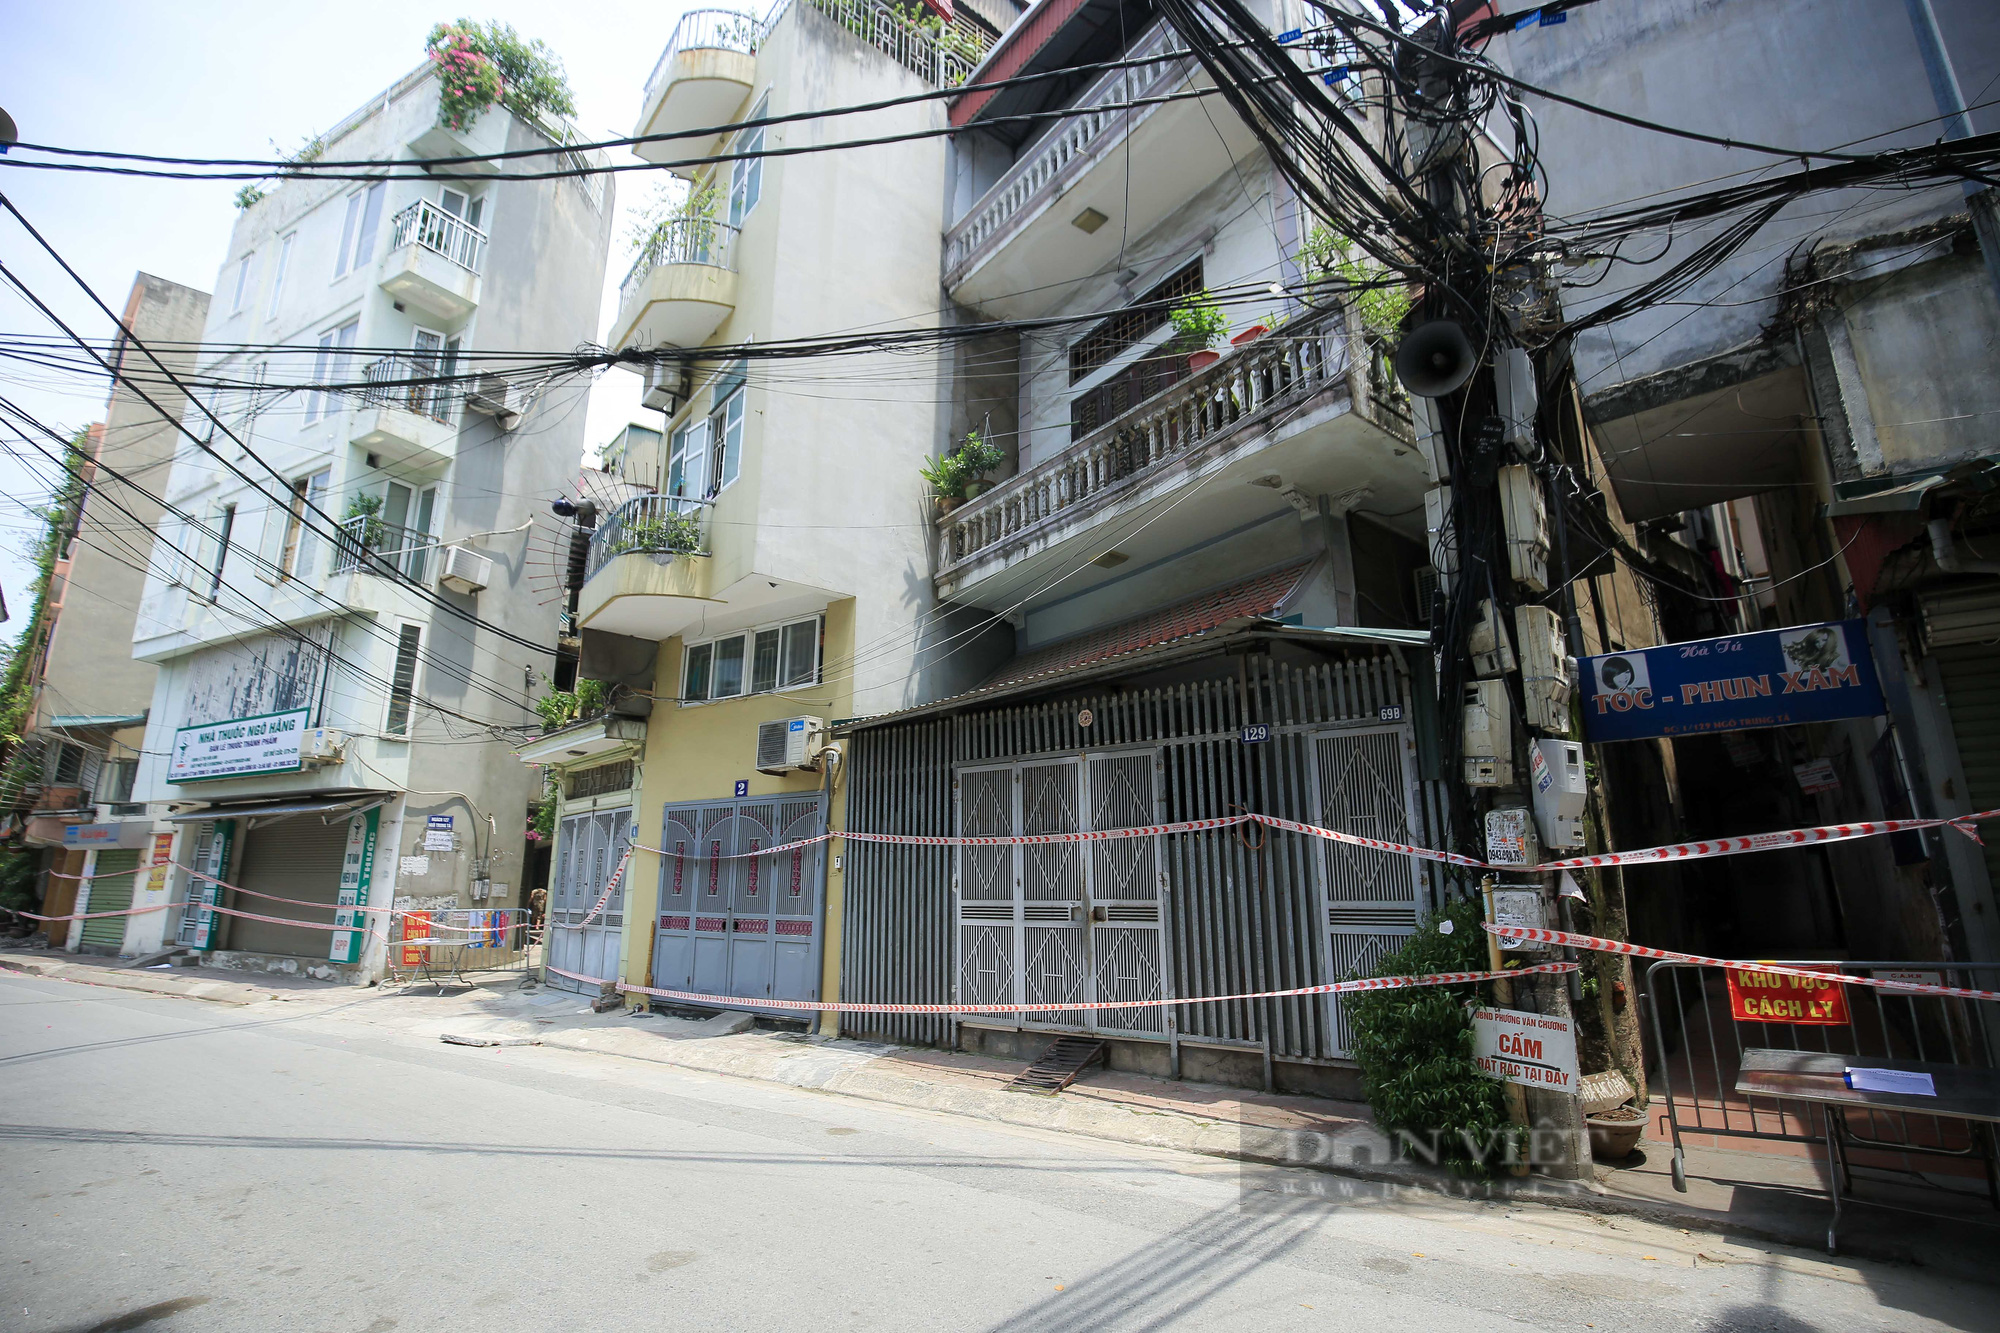 Phong toả 900 hộ dân và 2.800 nhân khẩu tại một phường của Hà Nội - Ảnh 5.